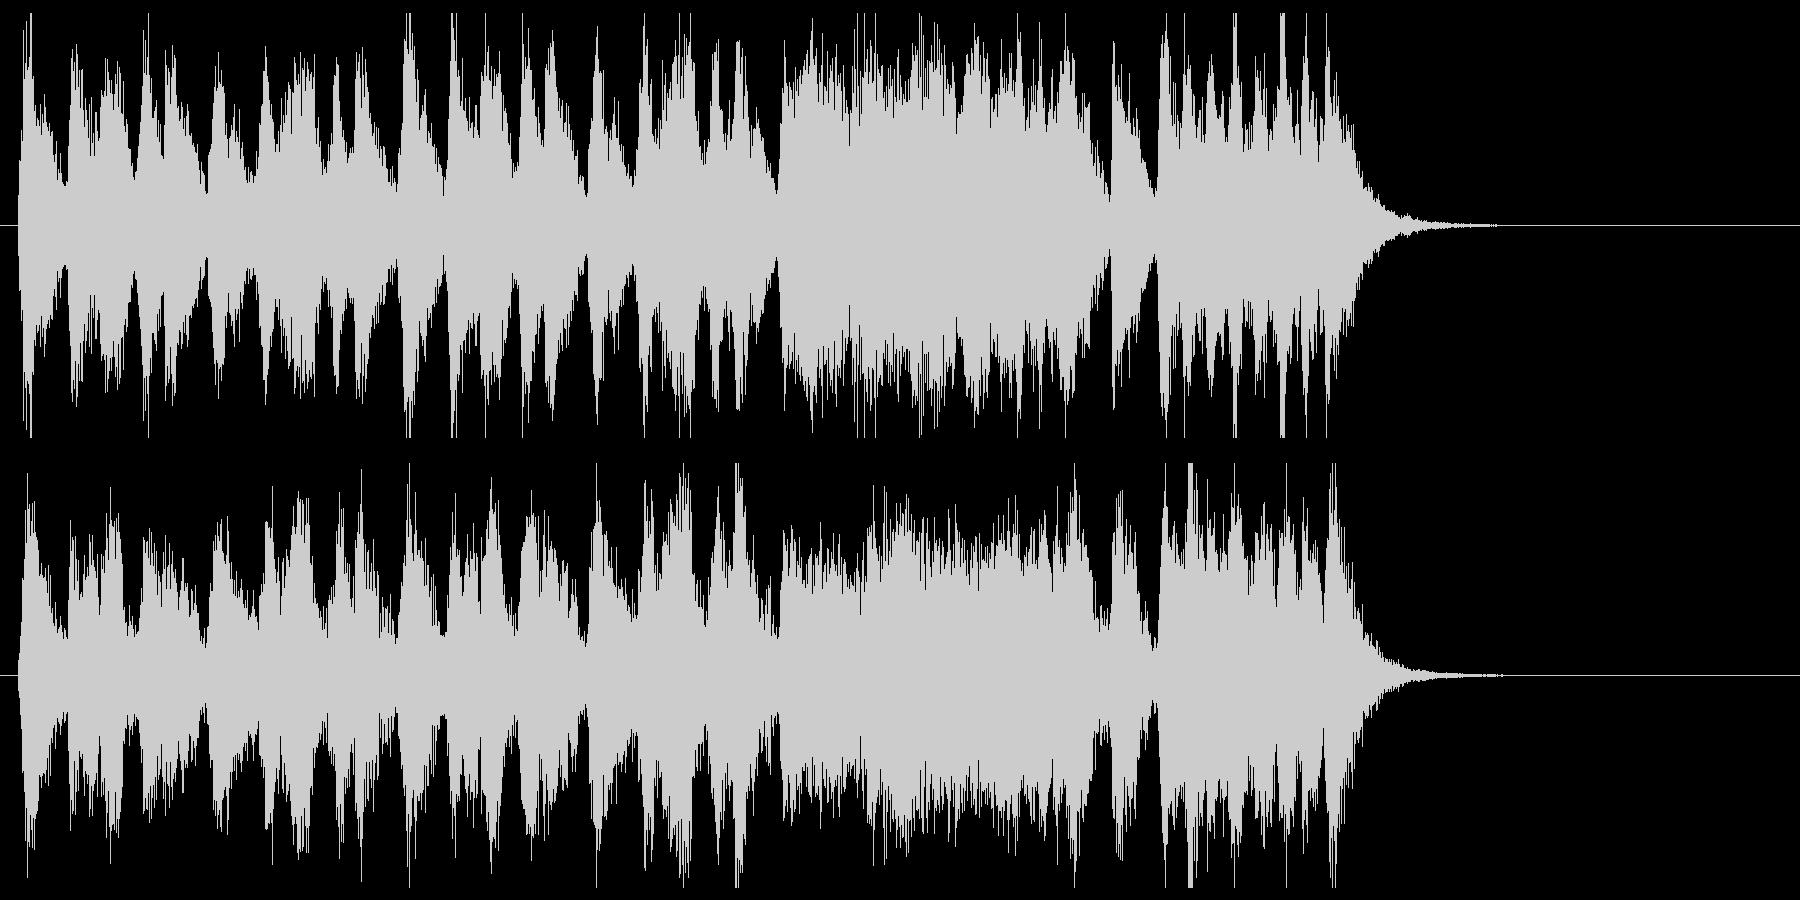 マーチドラム、緊張感のオーケストラの未再生の波形